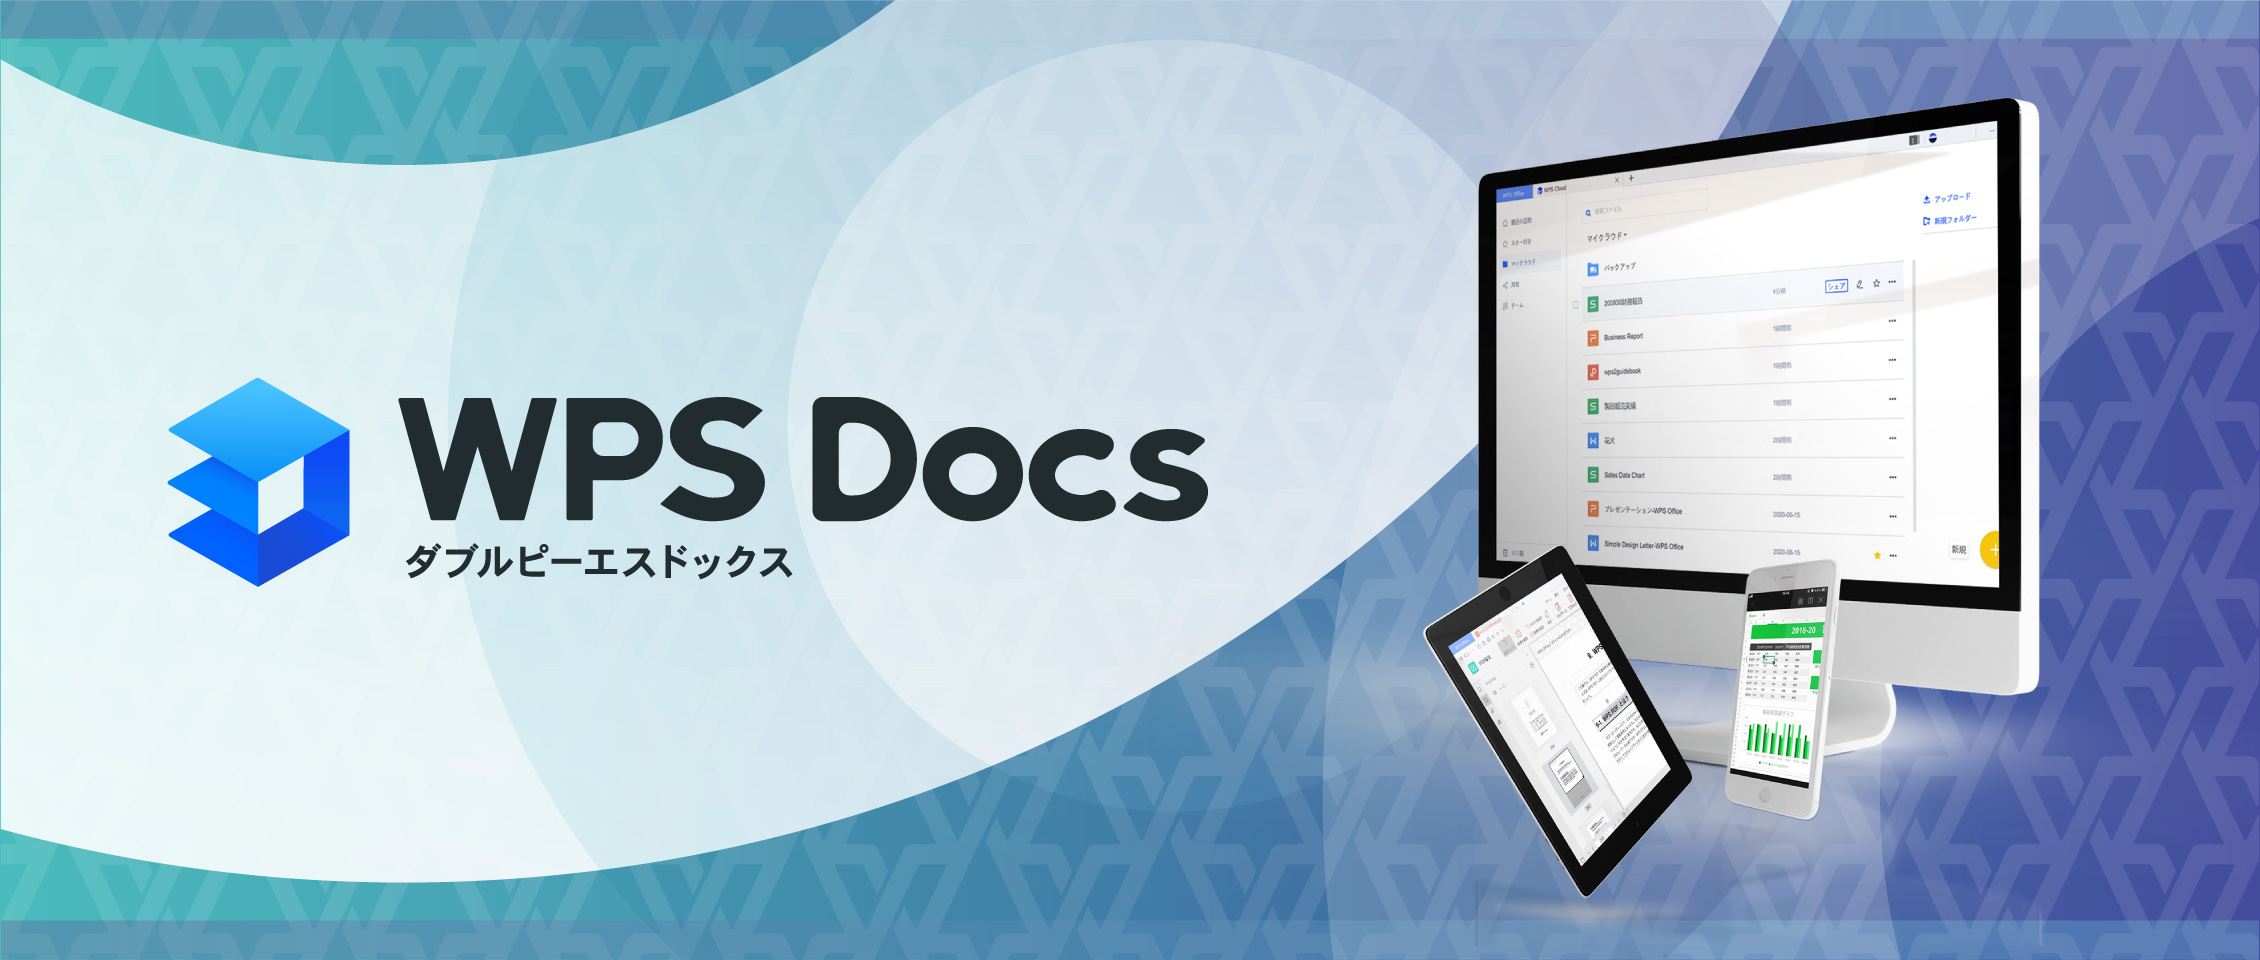 キングソフトの新クラウドサービス「WPS Docs」を 9月30日(木)より提供開始 ~総合オフィスソフト「WPS Of